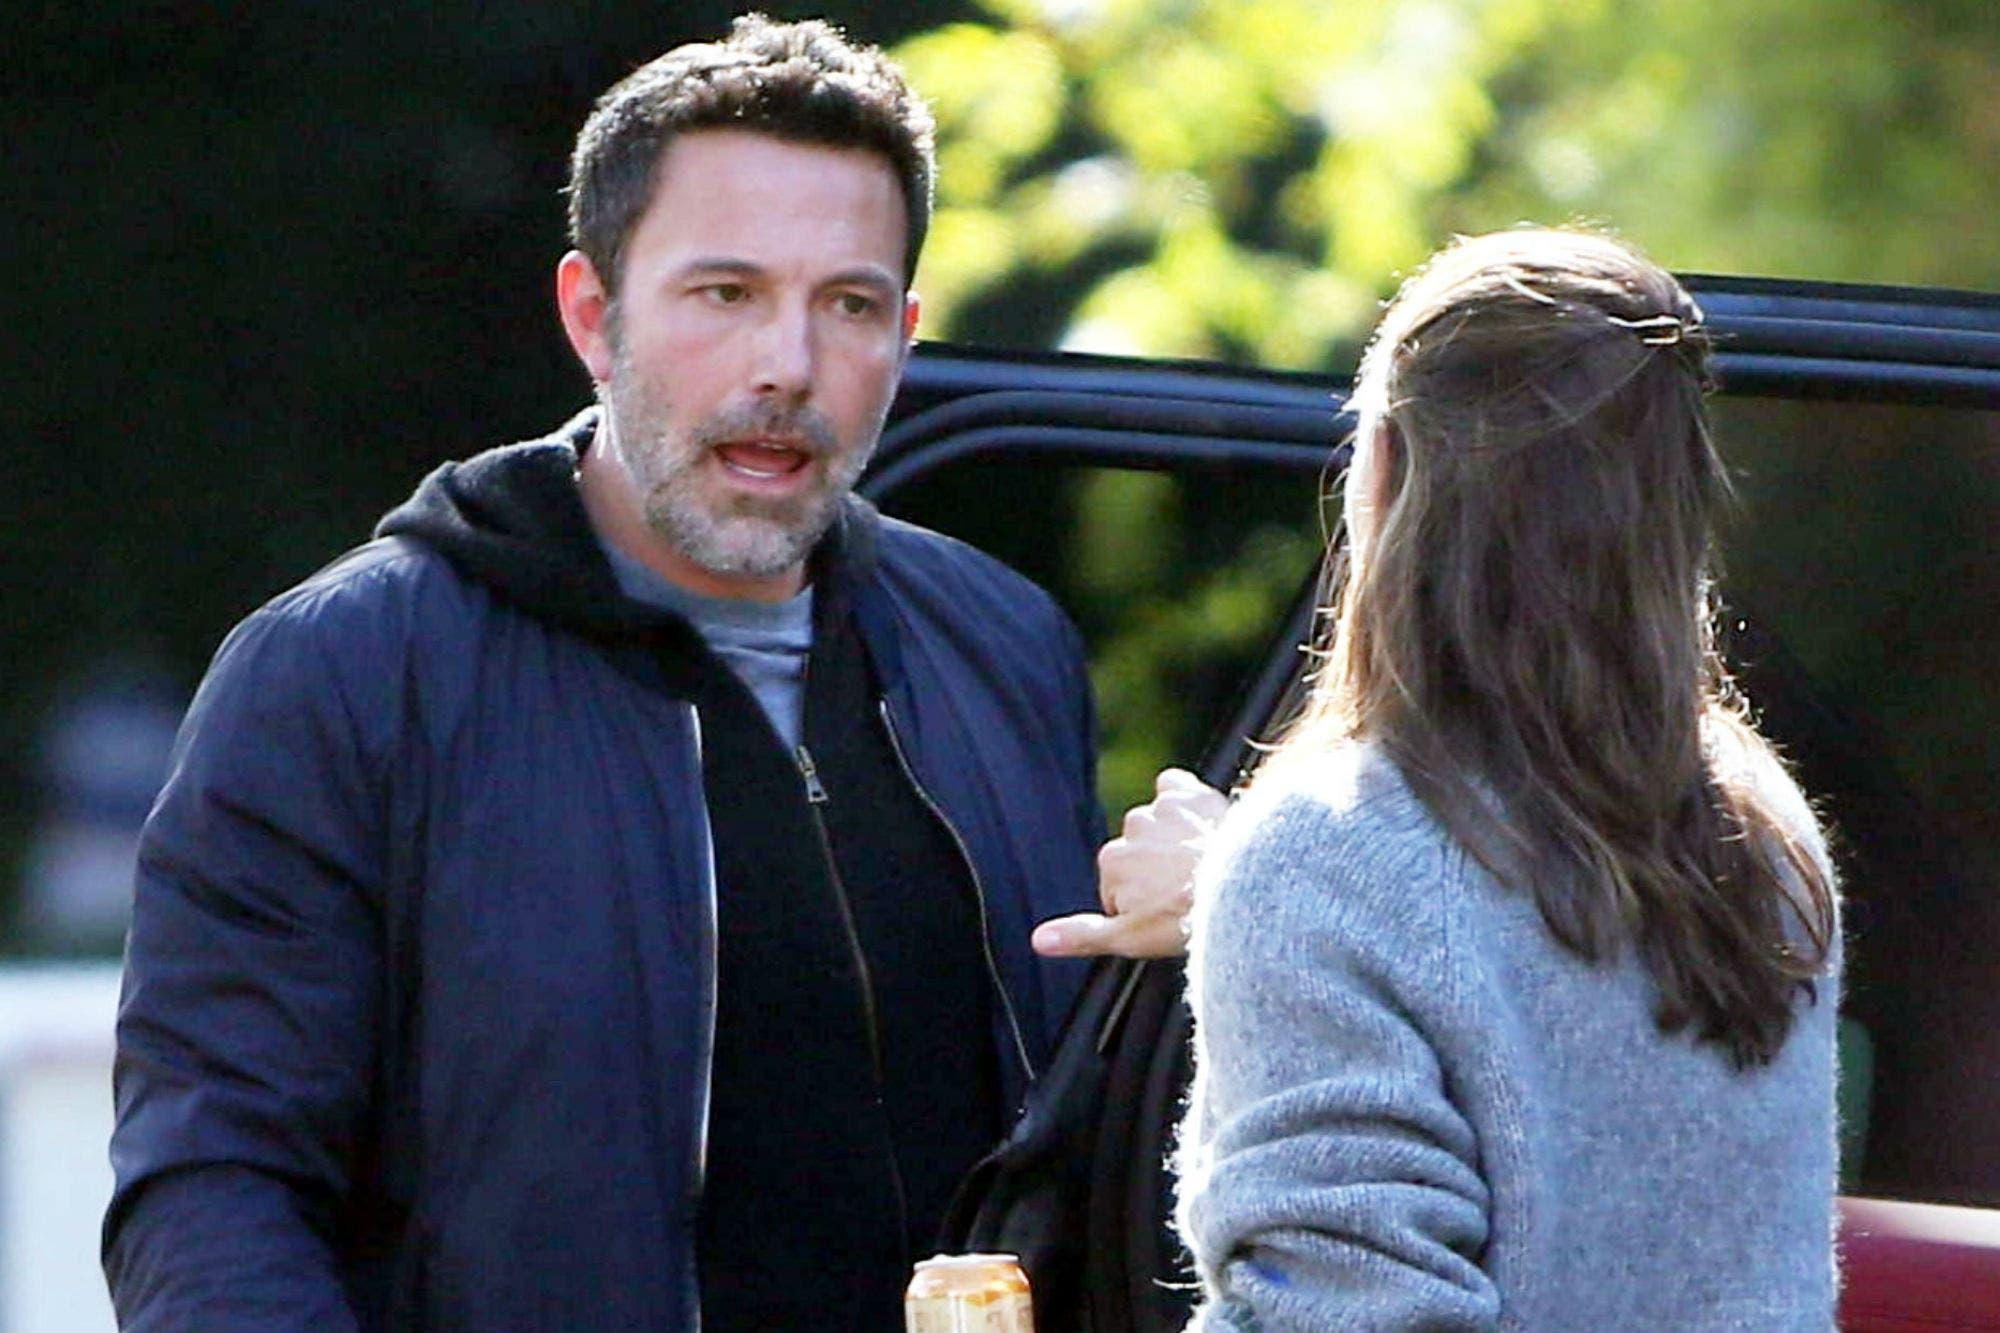 La fuerte discusión entre Ben Affleck y Jennifer Garner que captaron las cámaras